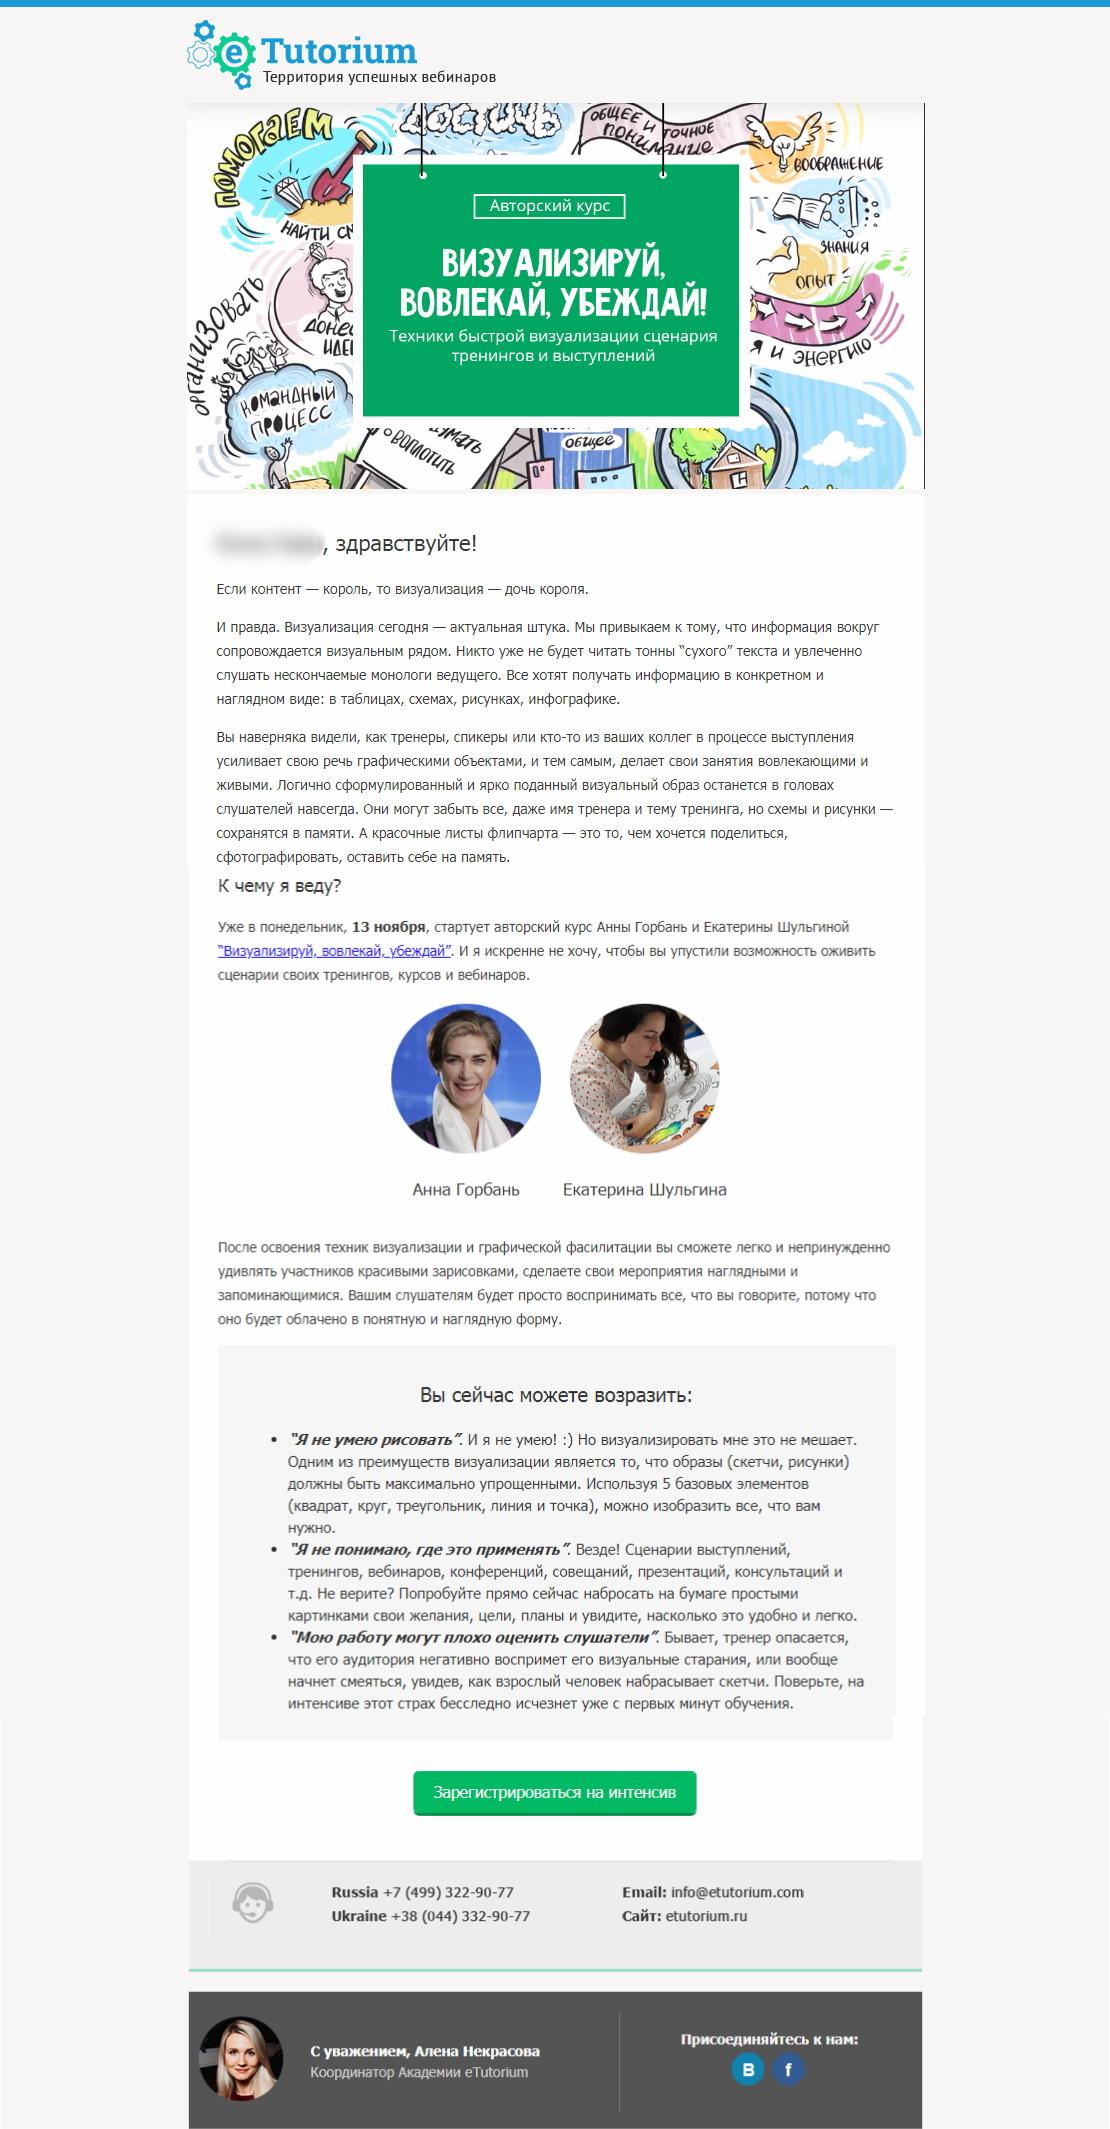 Серия писем для обучающей программы по визуализации тренингов от eTutorium: повторное приглашение на курс